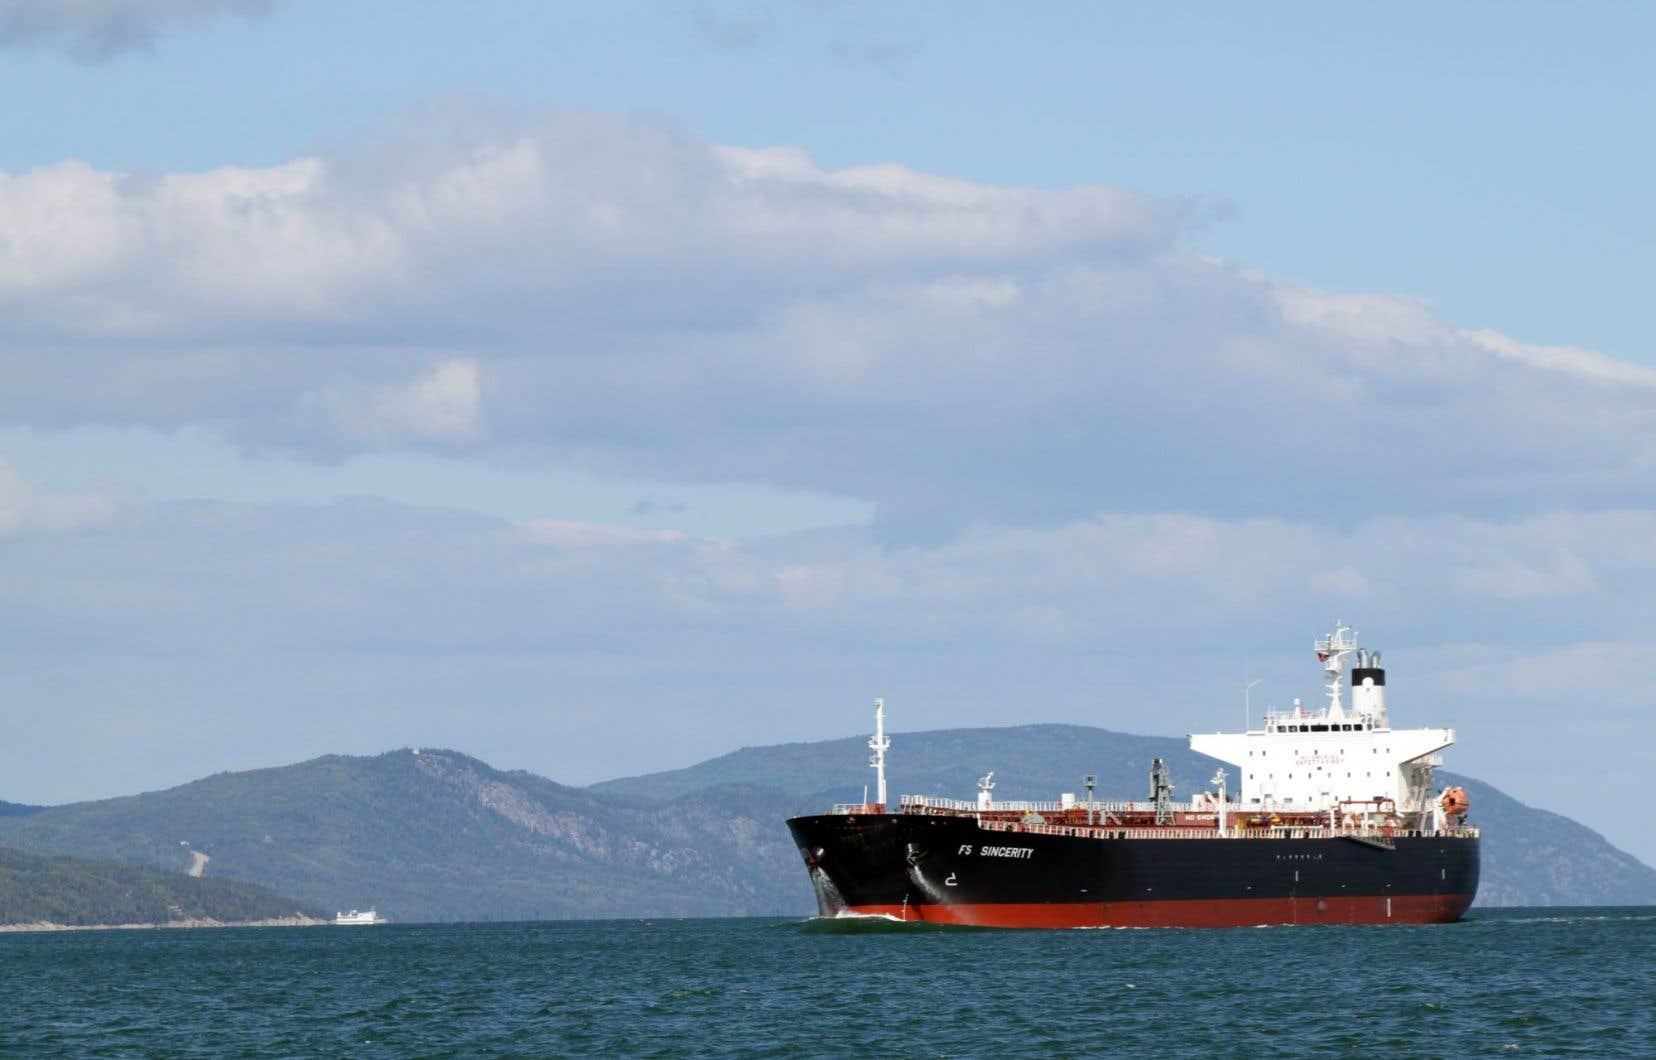 Le Conseil des Canadiens demande à l'UNESCO d'intervenir pour demander à Suncor de cesser le transport de brut lourd par navire.